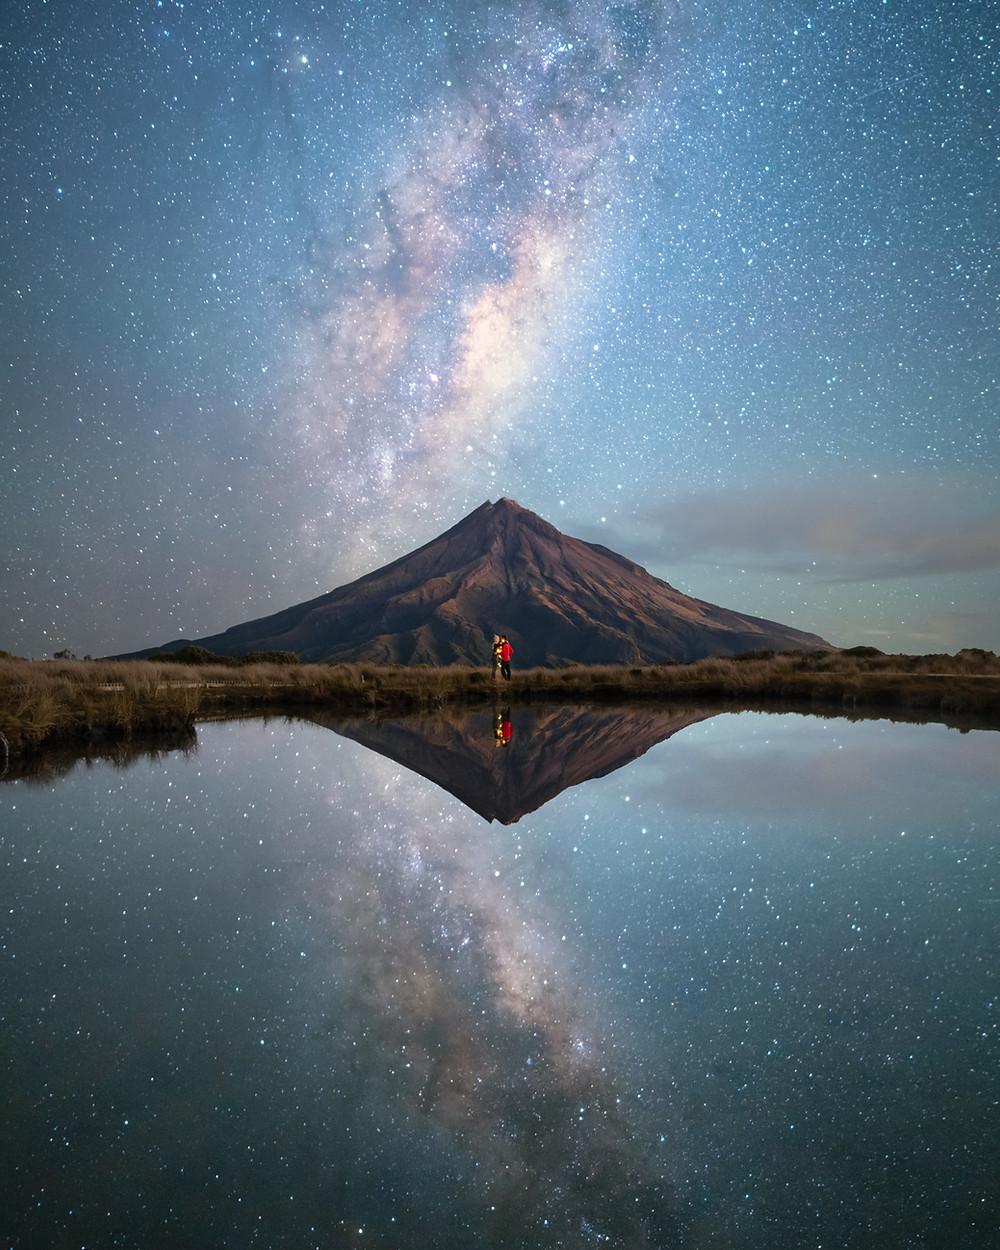 Pouakai Tarn Milkyway Photography Mount Taranaki